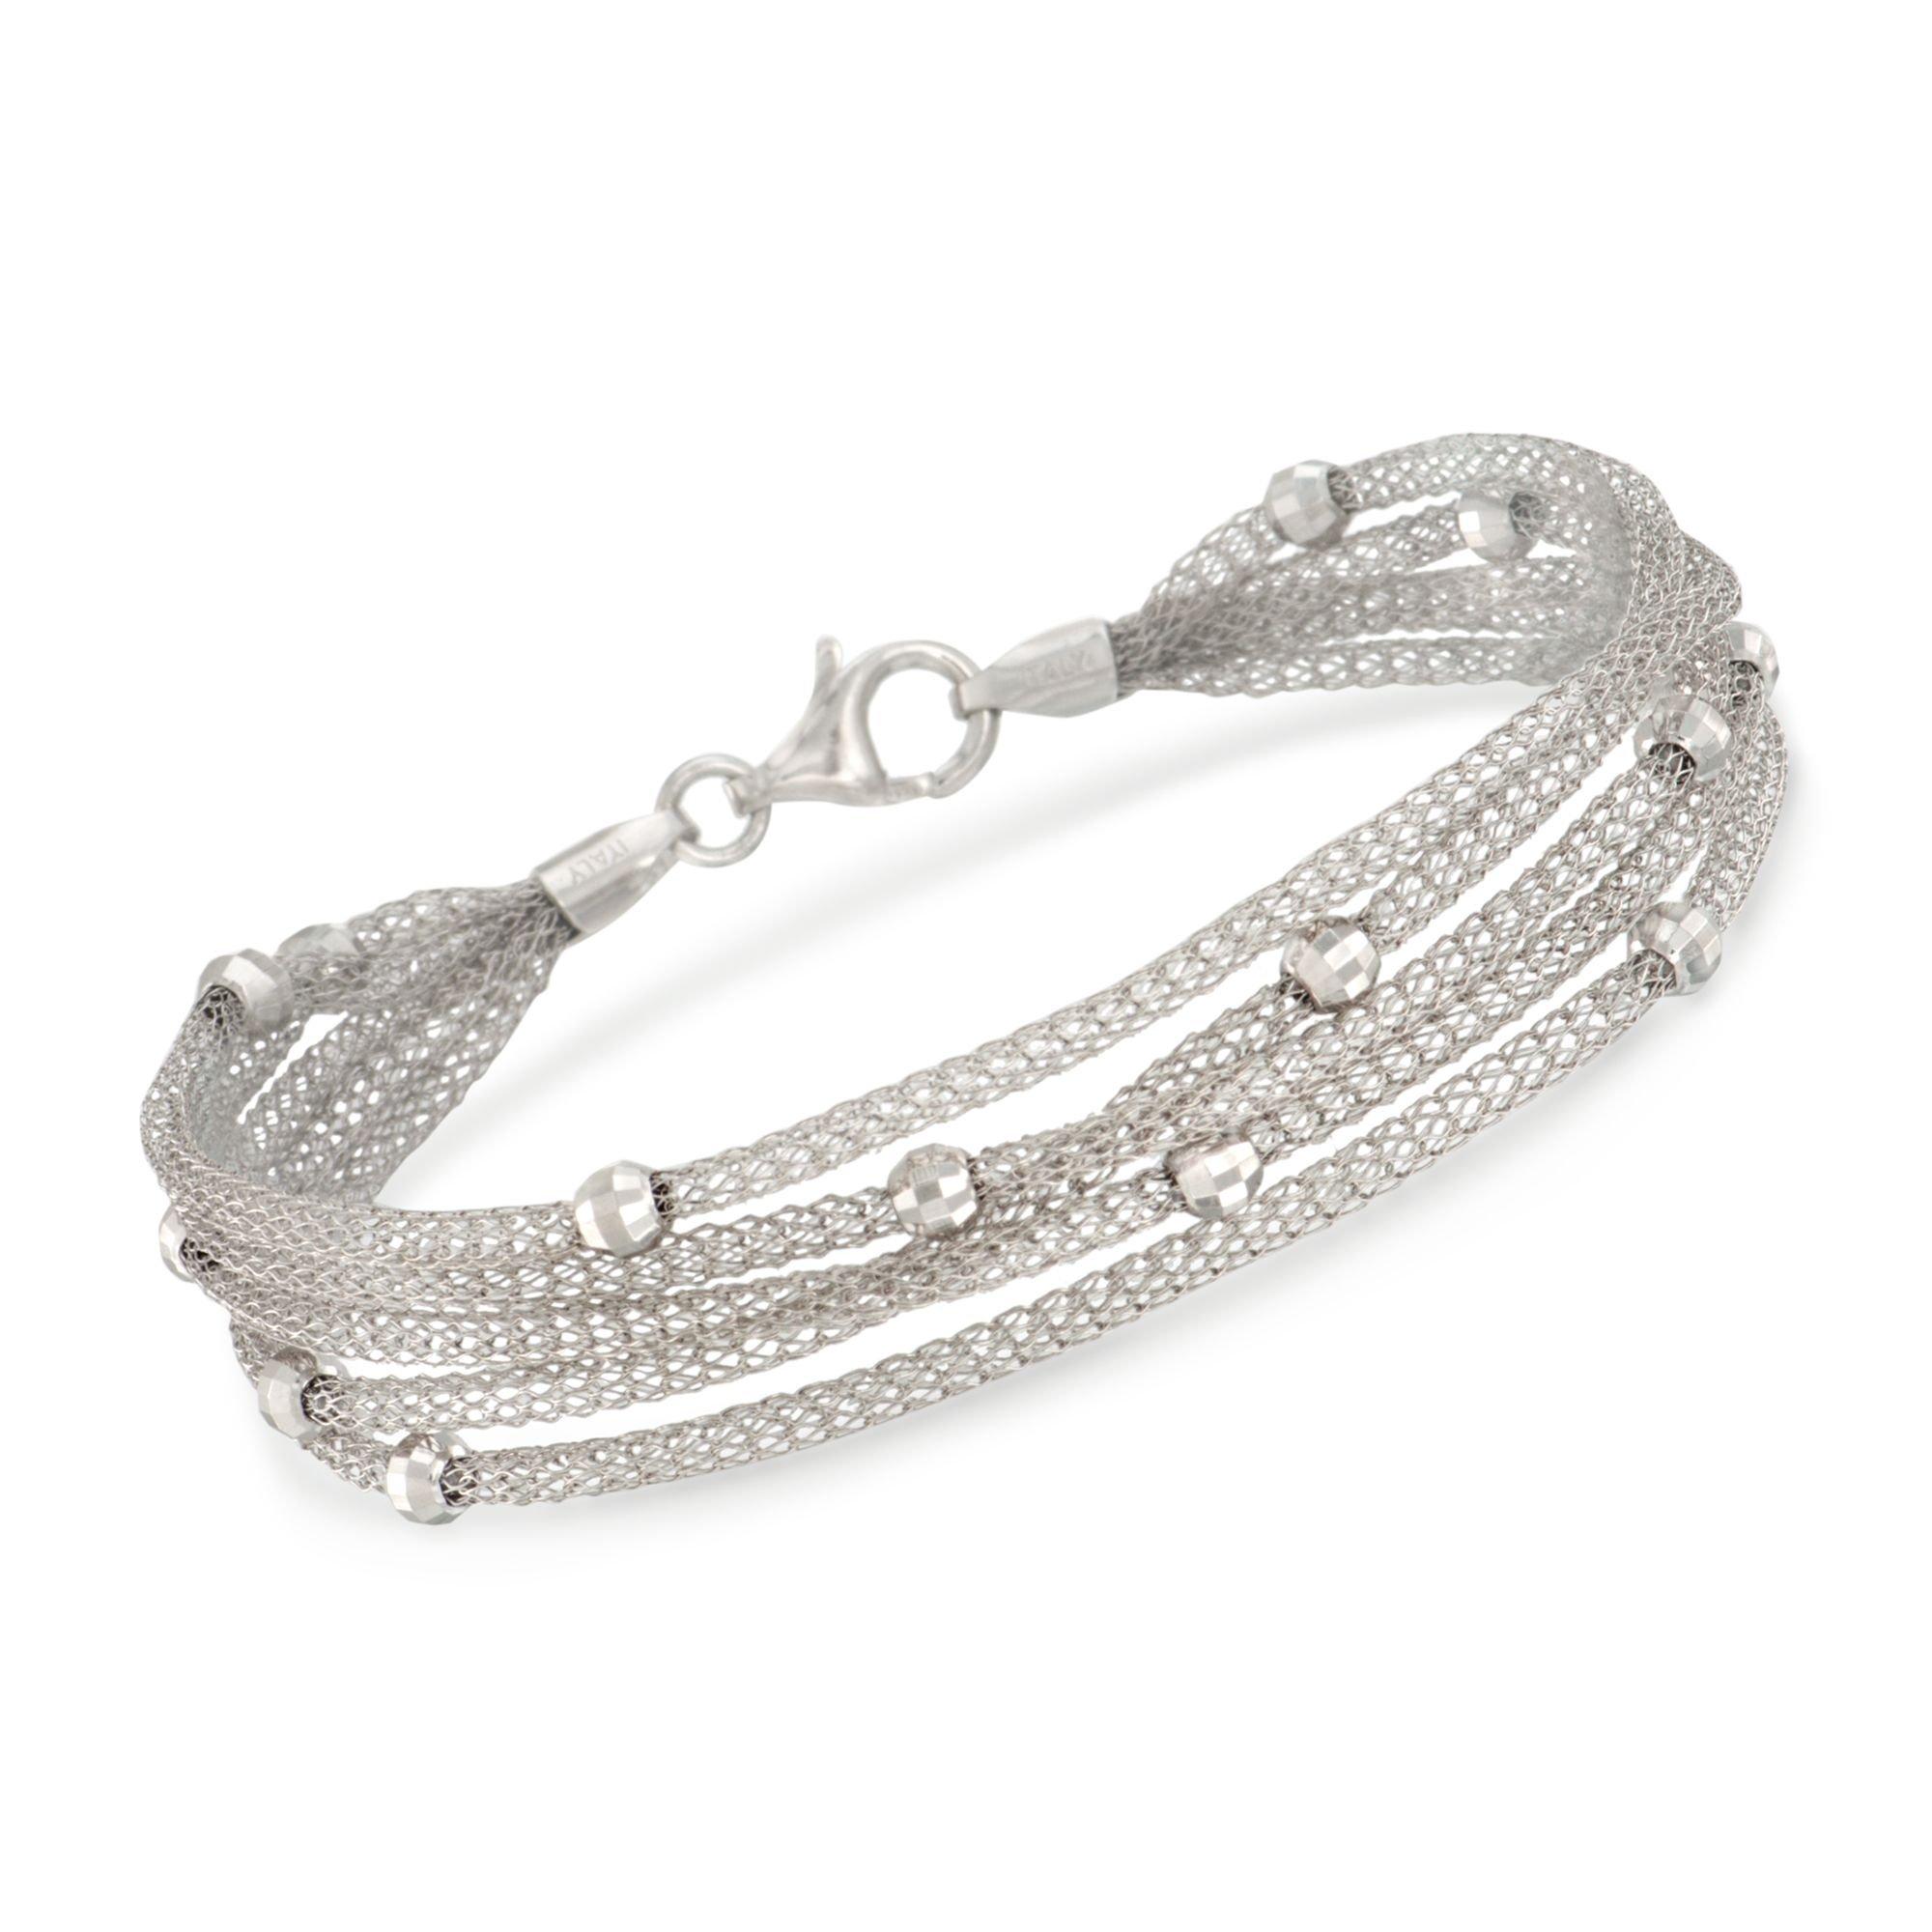 Ross-Simons Italian Sterling Silver Five-Strand Beaded Mesh Bracelet